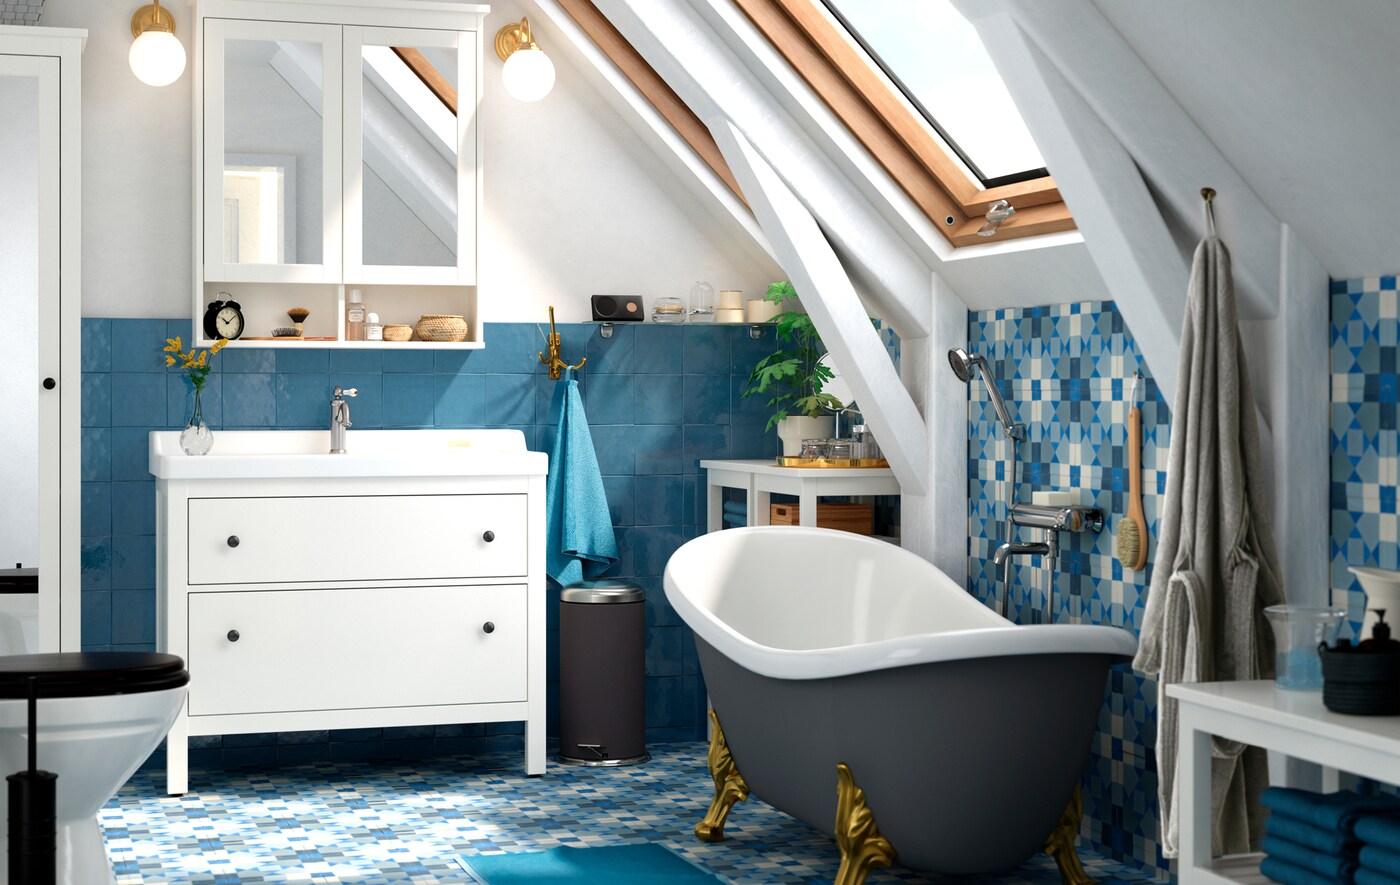 Kupatilo s plavim podnim i zidnim pločicama, samostojećom kadom i belim postoljem umivaonika s ormarićima s ogledalom iznad.